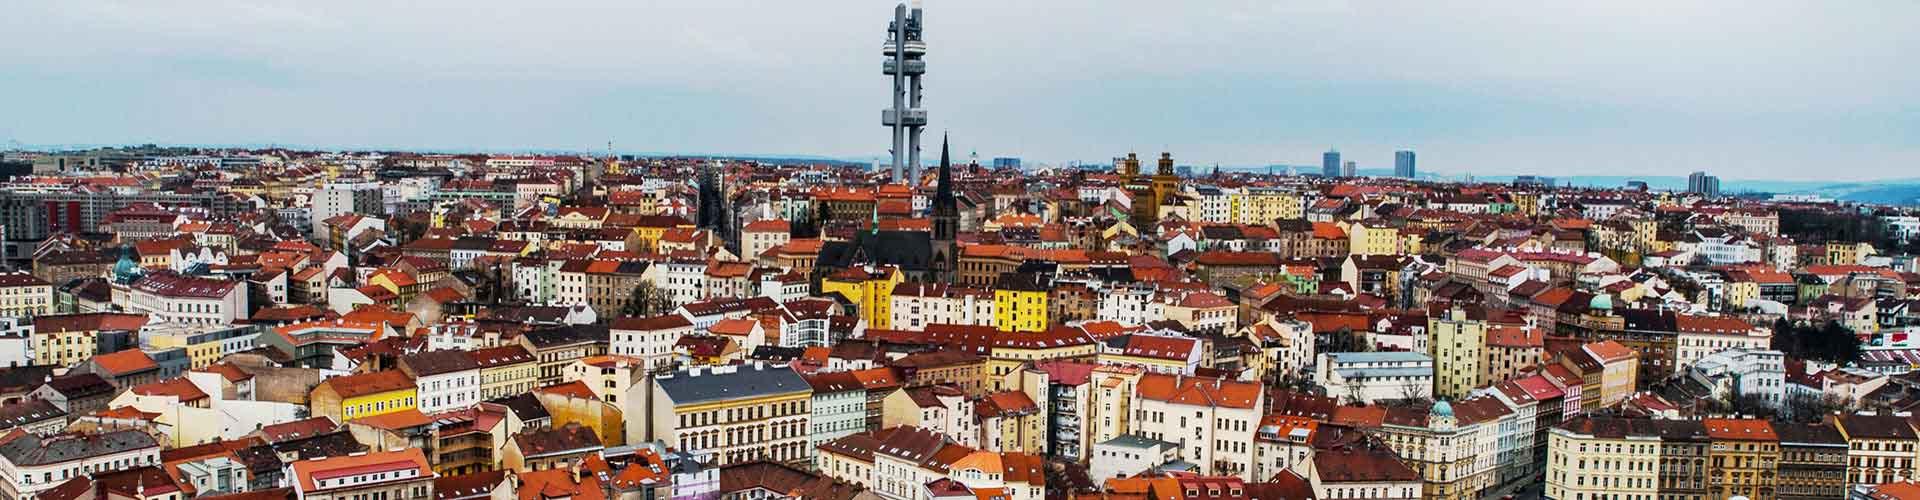 Prag – Hostels im Stadtteil Zizkov. Prag auf der Karte. Fotos und Bewertungen für jedes Hostel in Prag.